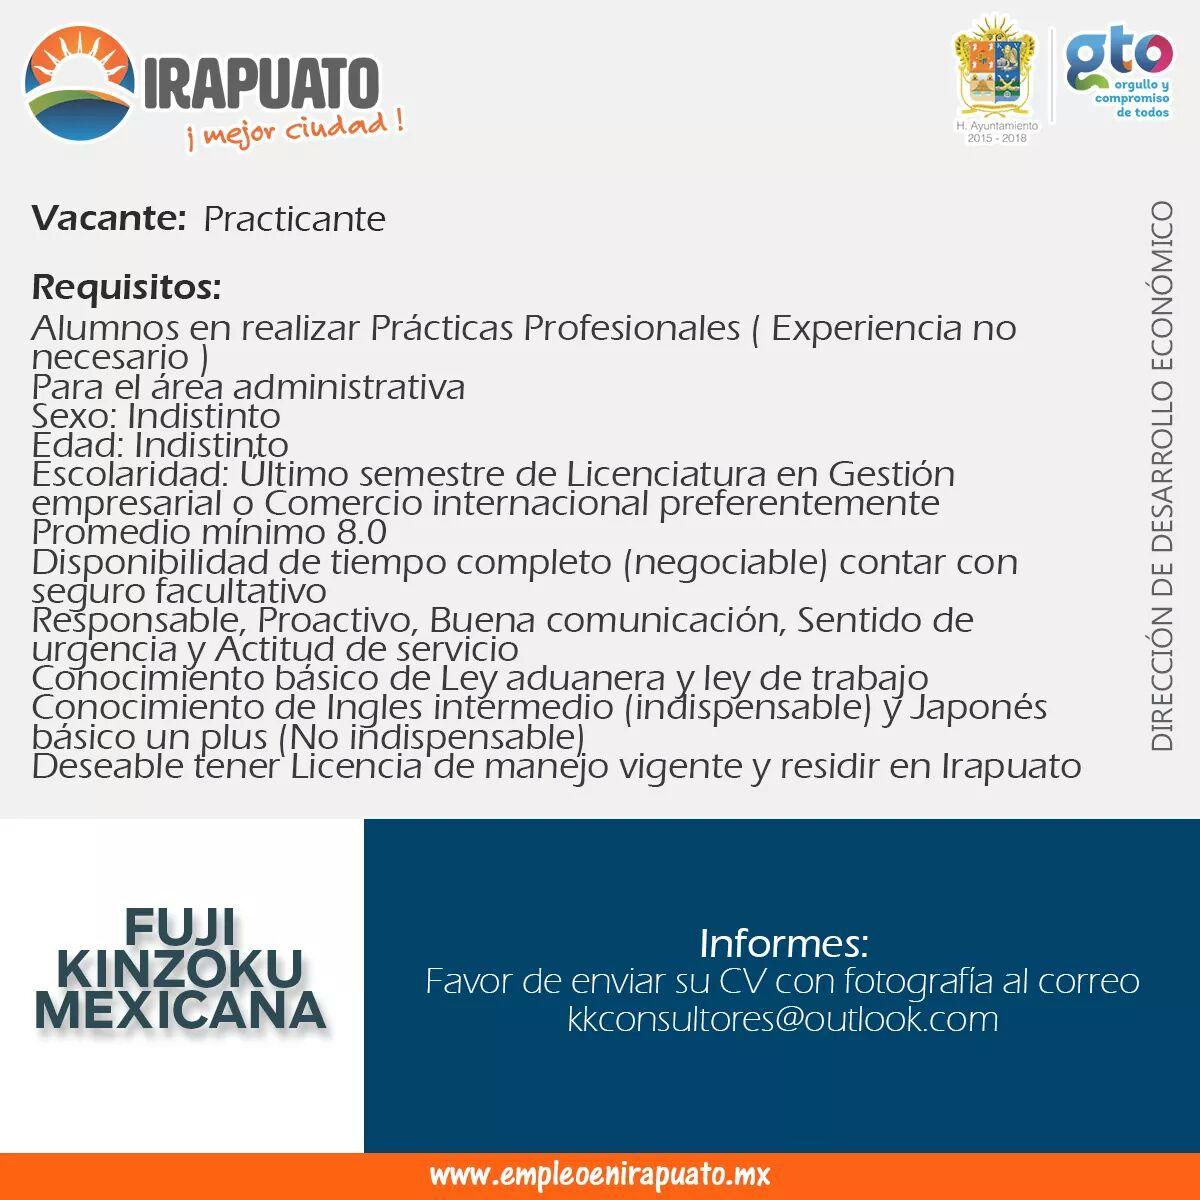 Las últimas ofertas de empleo y trabajo en Irapuato, Gto.. Opciónempleo, el buscador de empleos. Cubrimos todas las industrias.